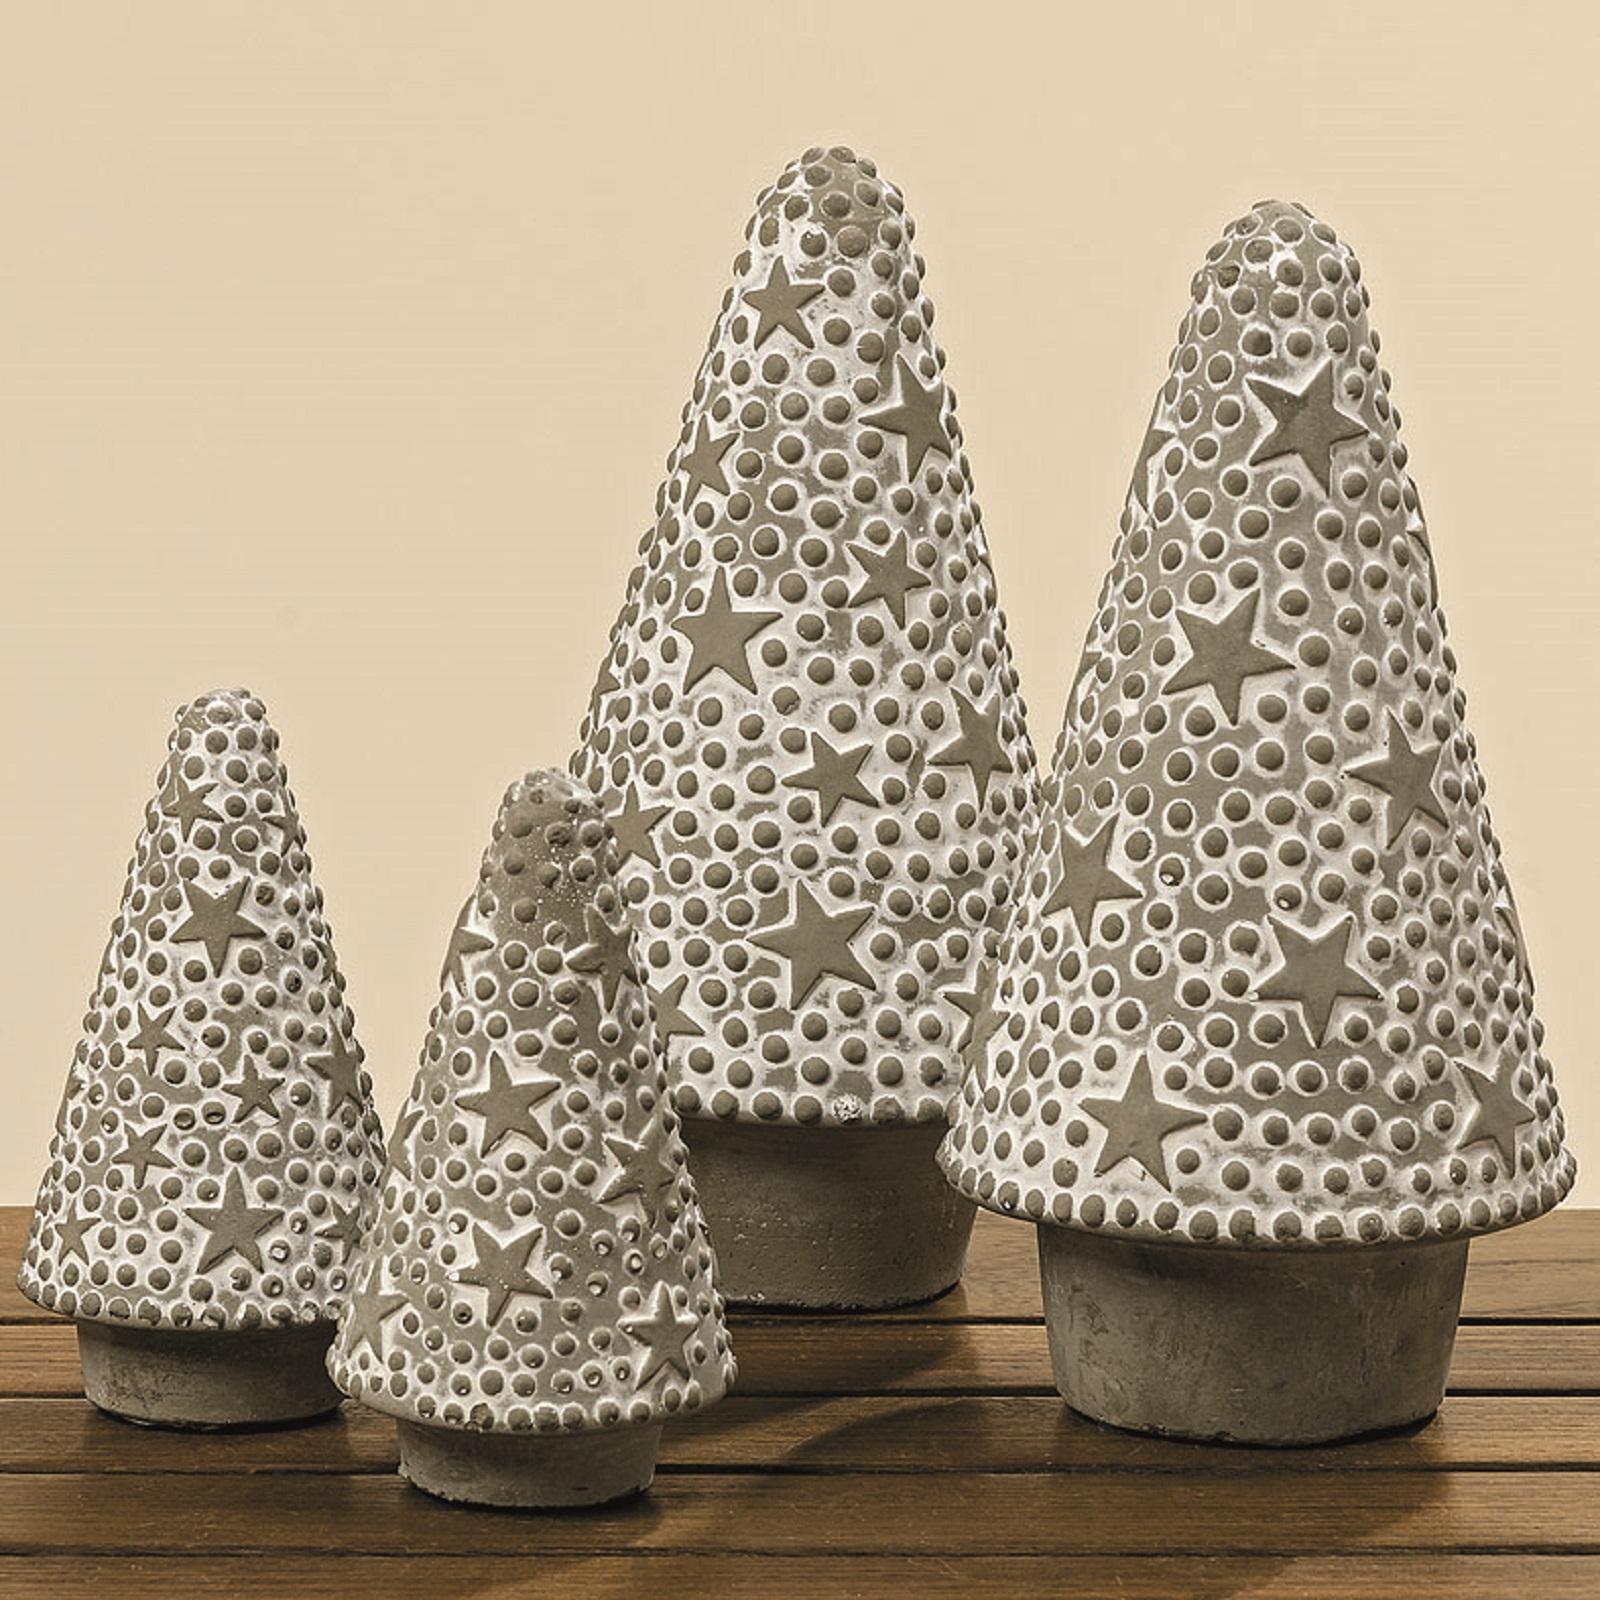 Baum Dekobaum aus Beton mit Sternen  2 Ausführungen H 21 cm Stückpreis